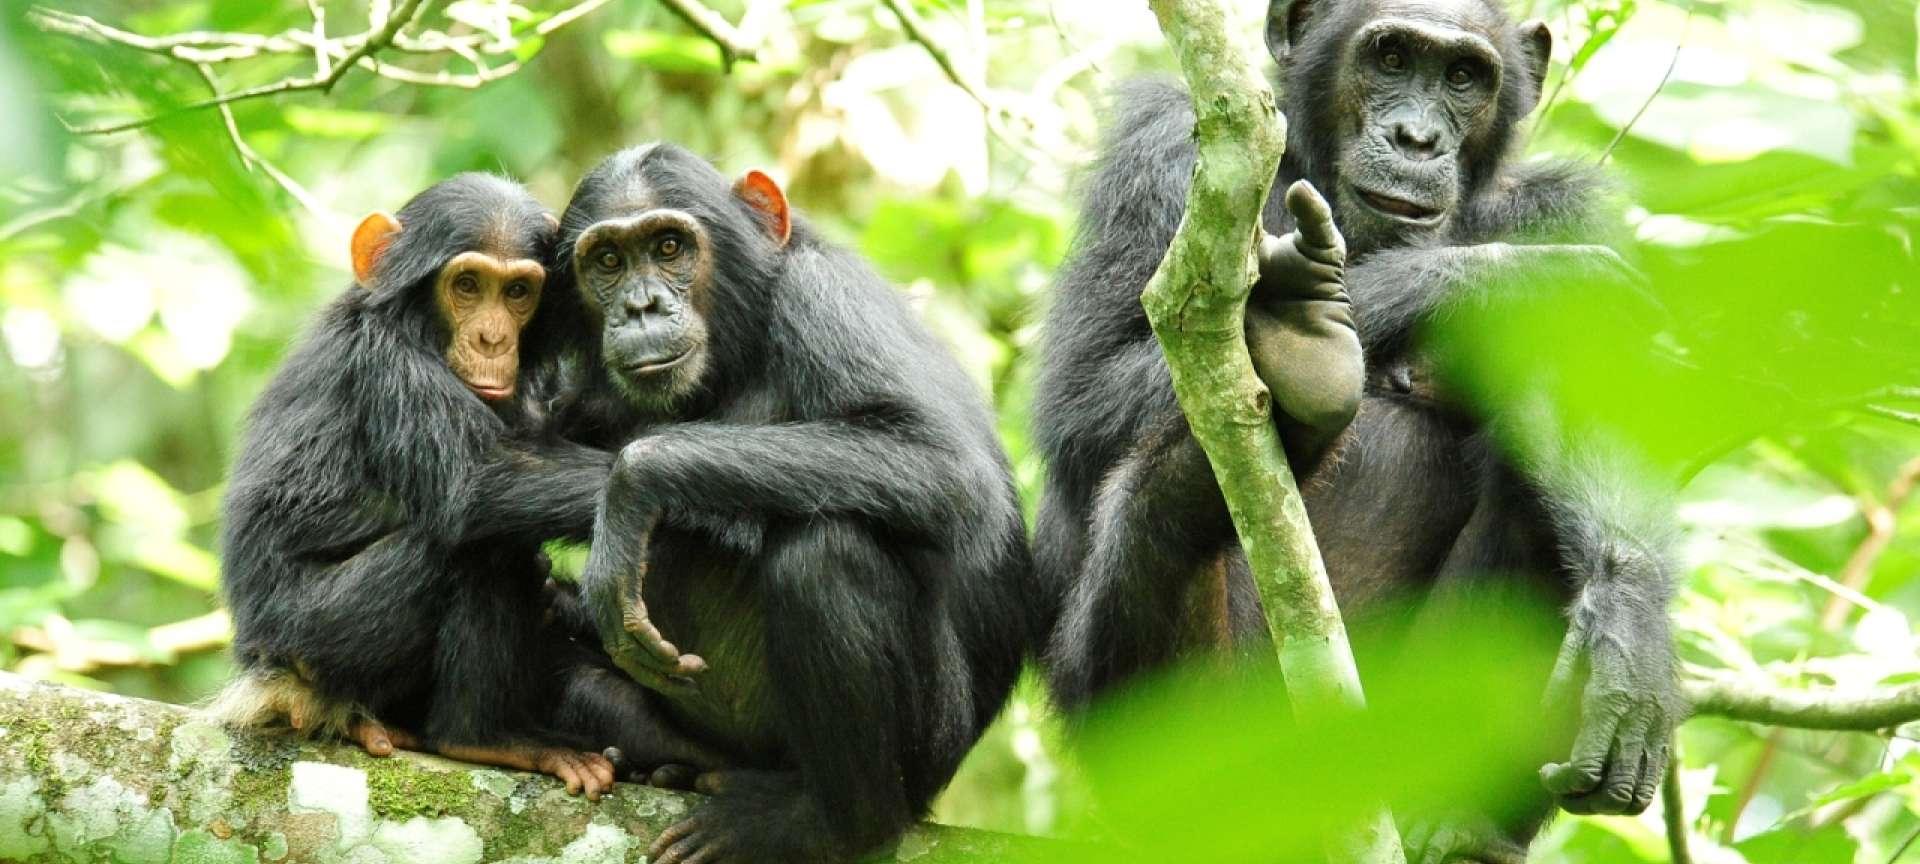 kibale-gorillas__1920x864